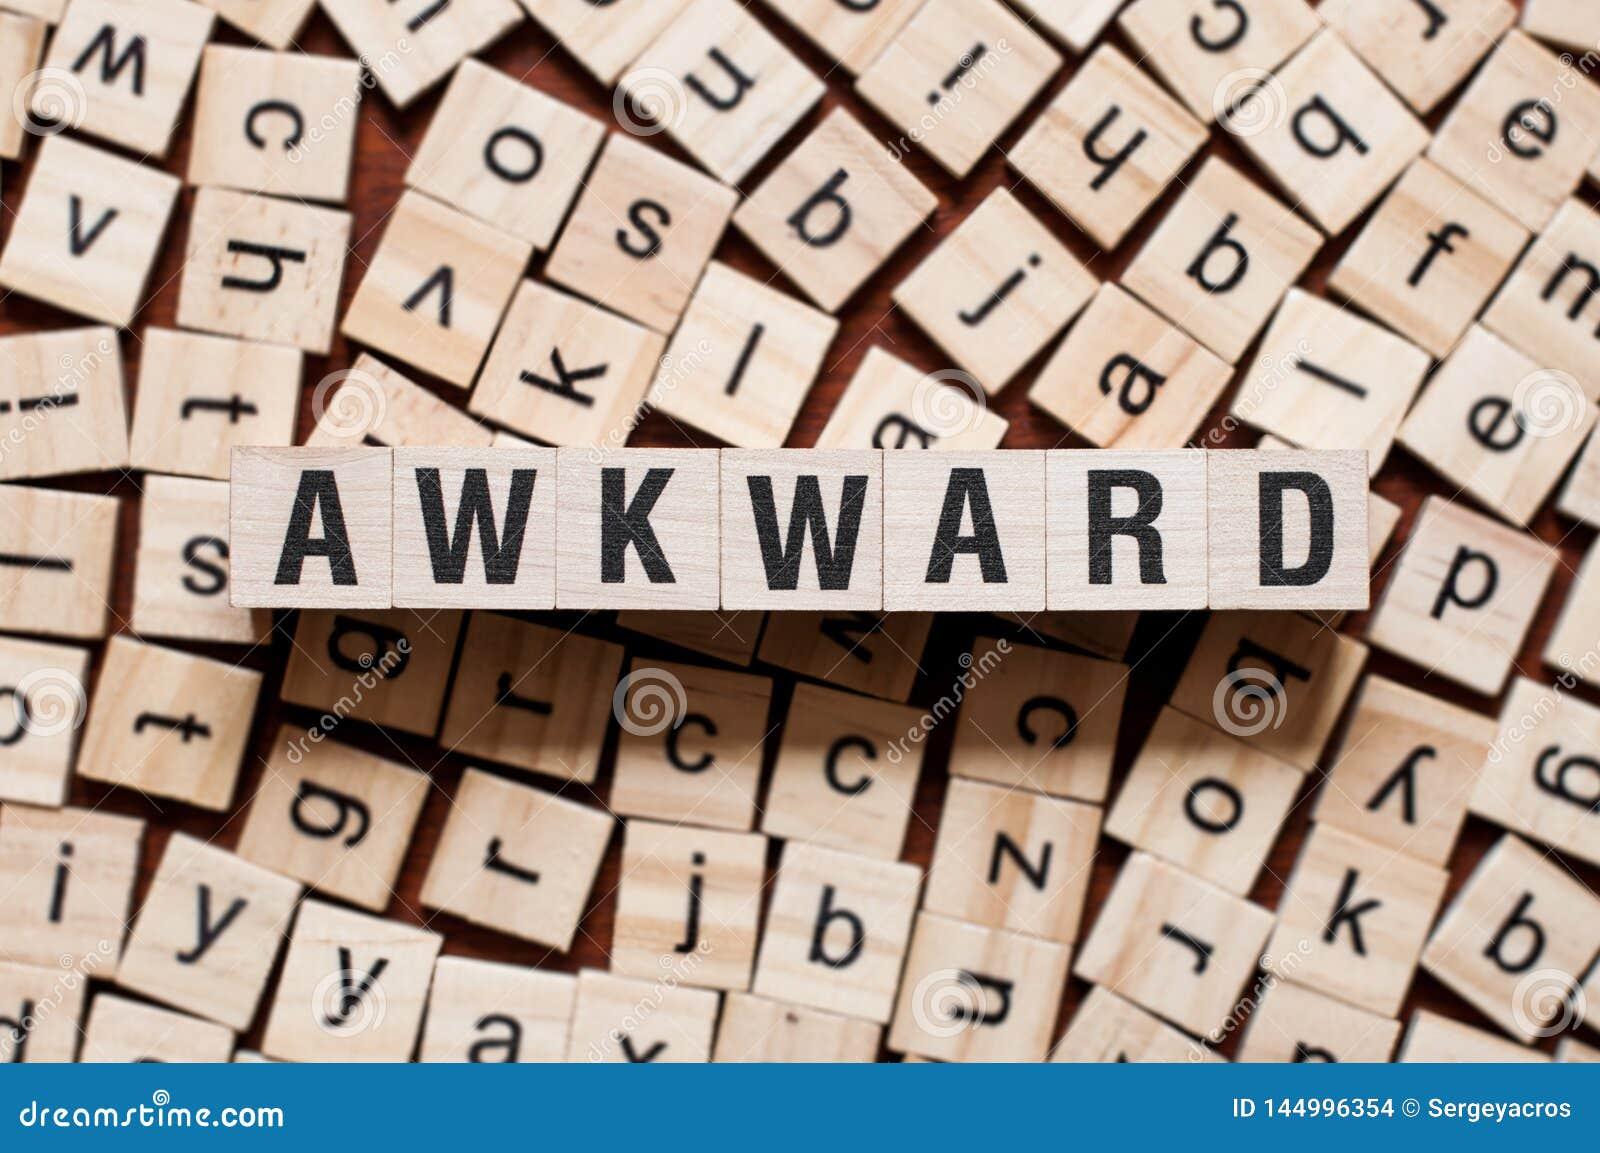 Несуразная концепция слова